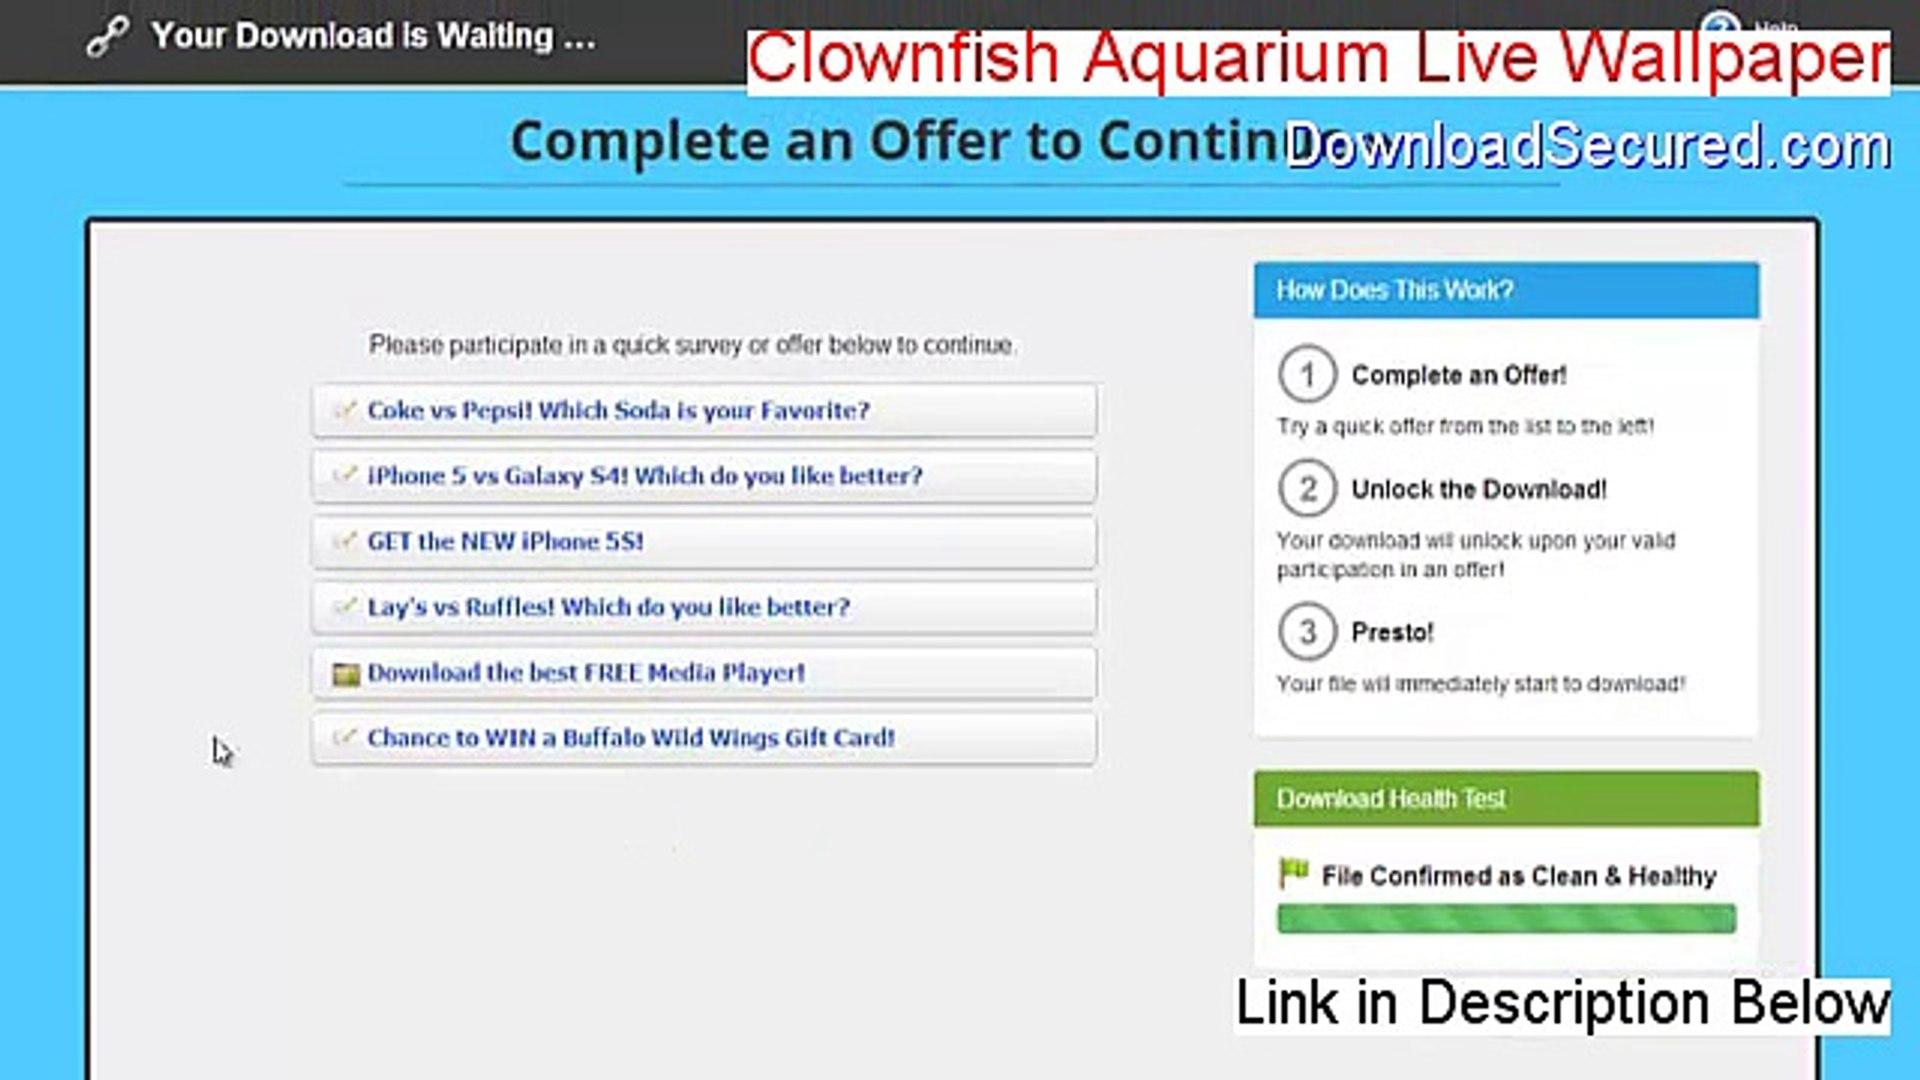 Clownfish Aquarium Live Wallpaper & Screensaver Keygen - Legit Download  [2015]